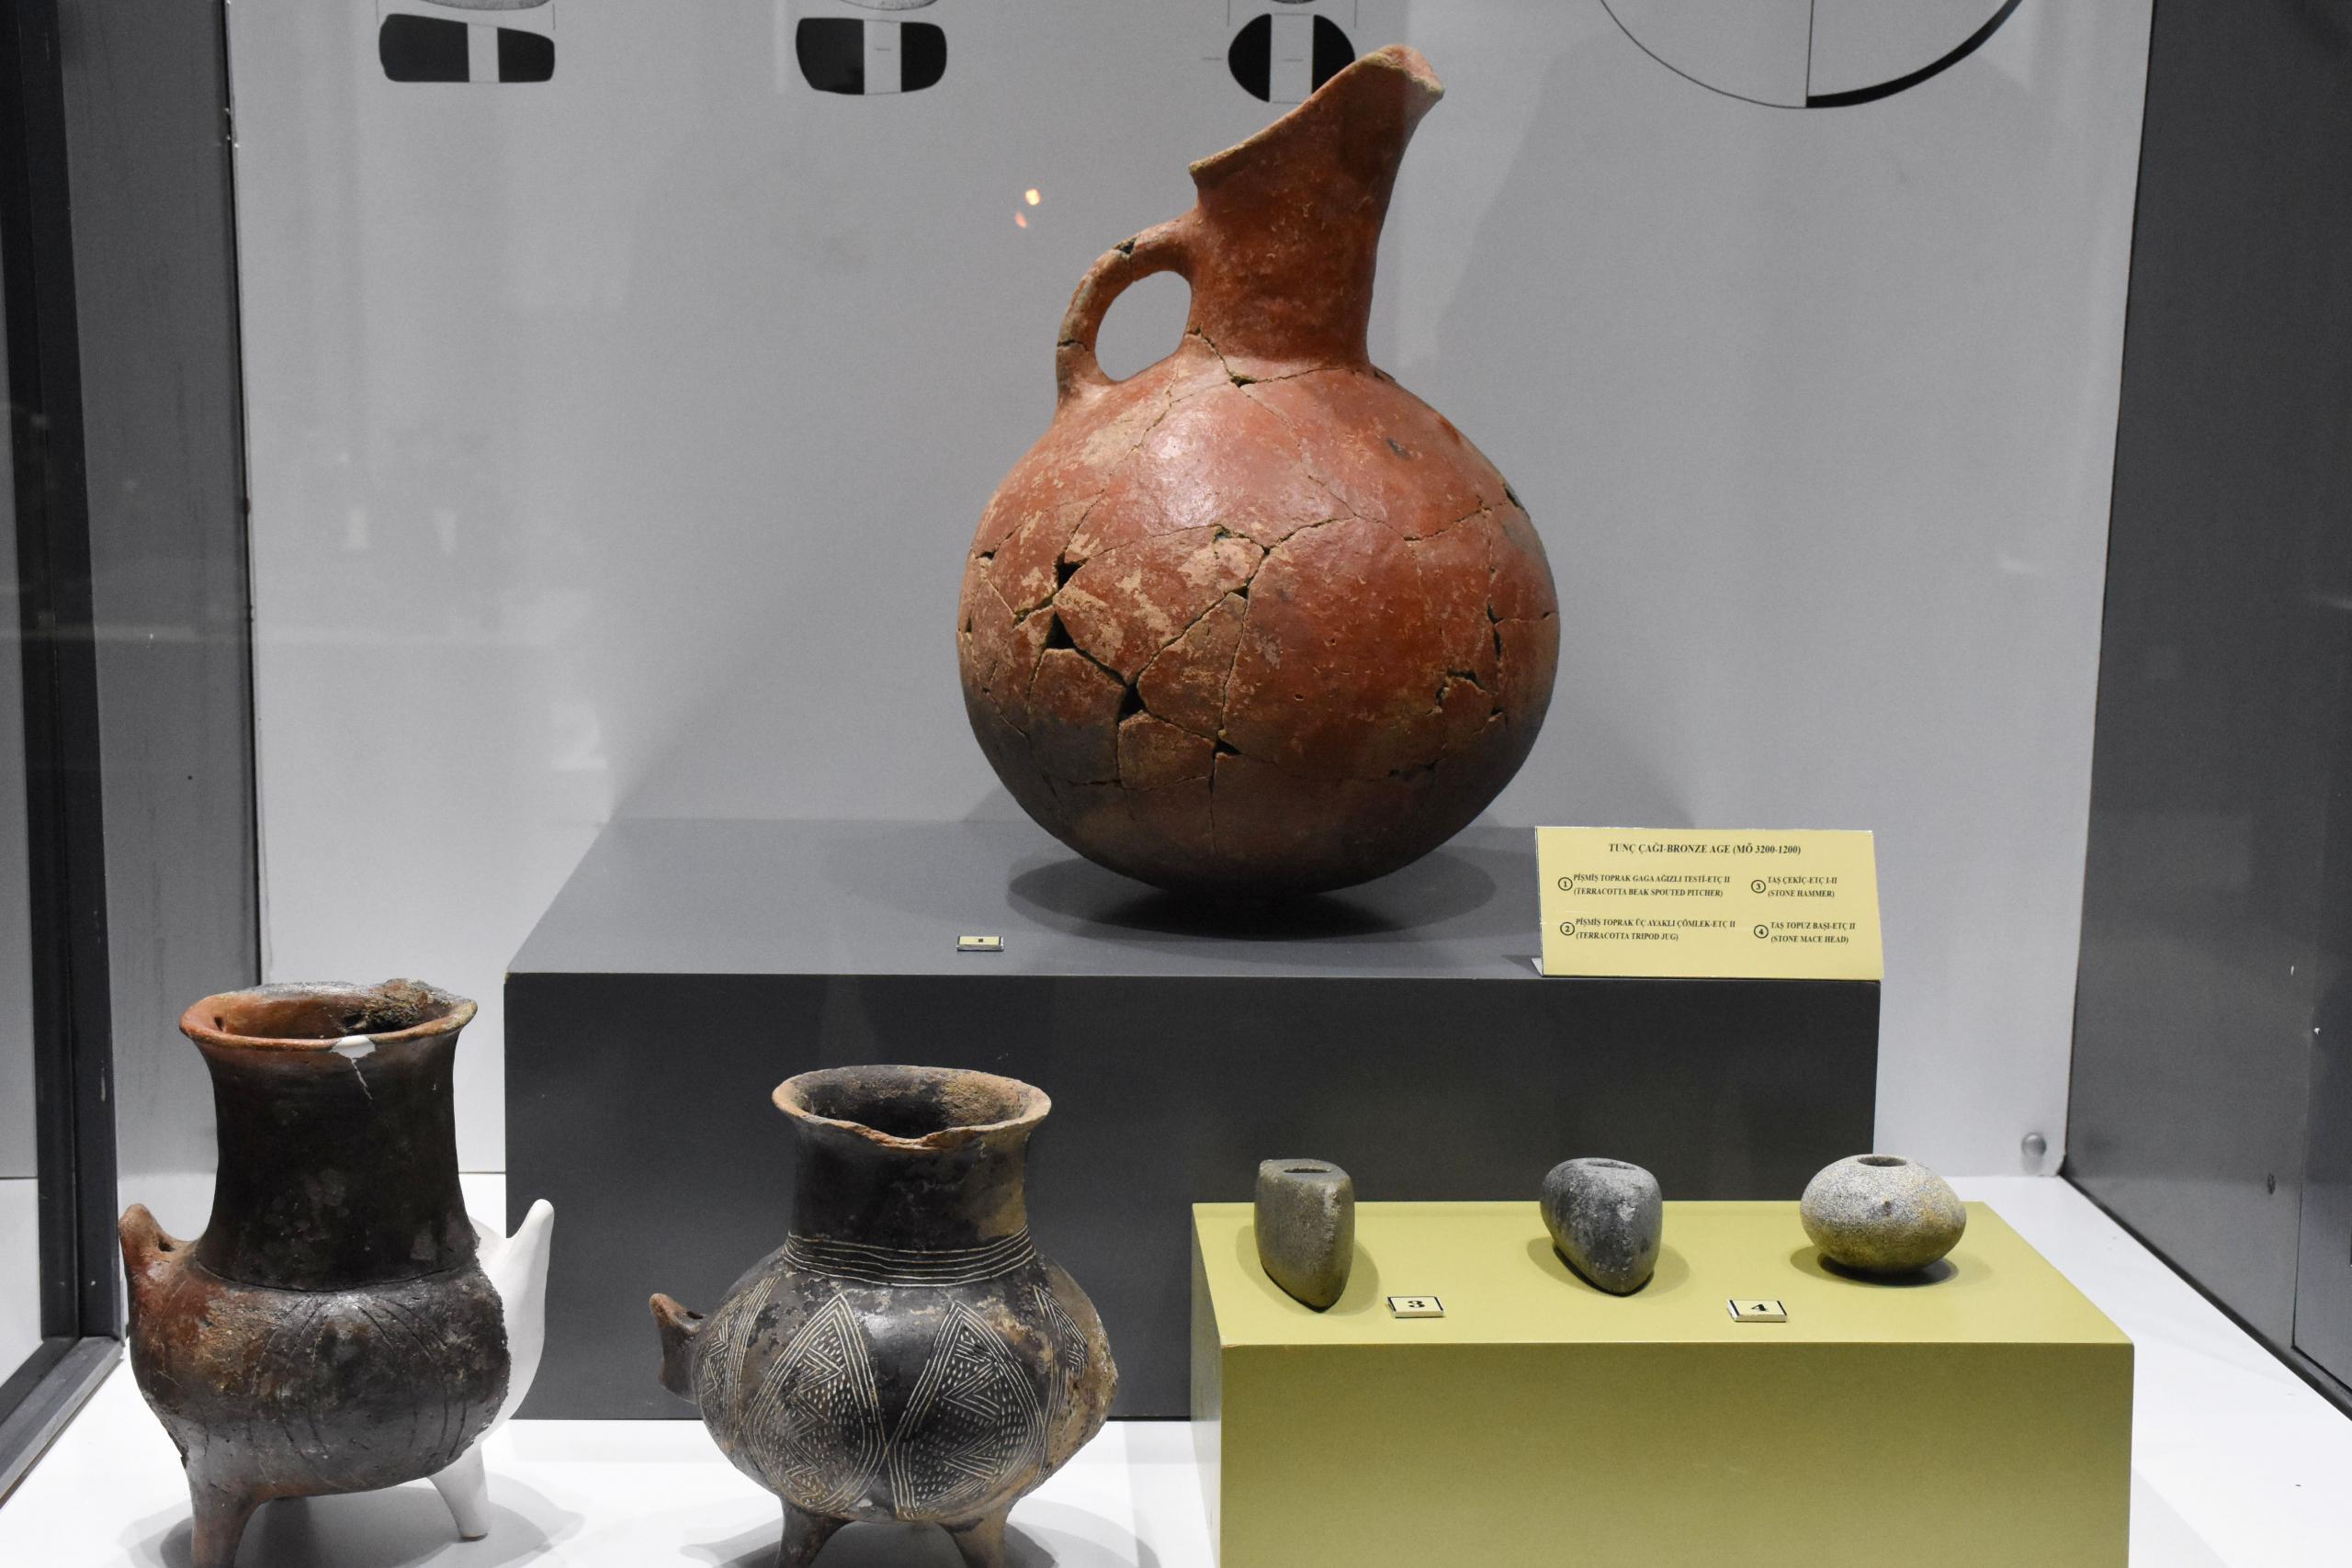 eski medeniyetlerin izinin yer aldığı müze, zengin koleksiyonuyla ilgi görüyor